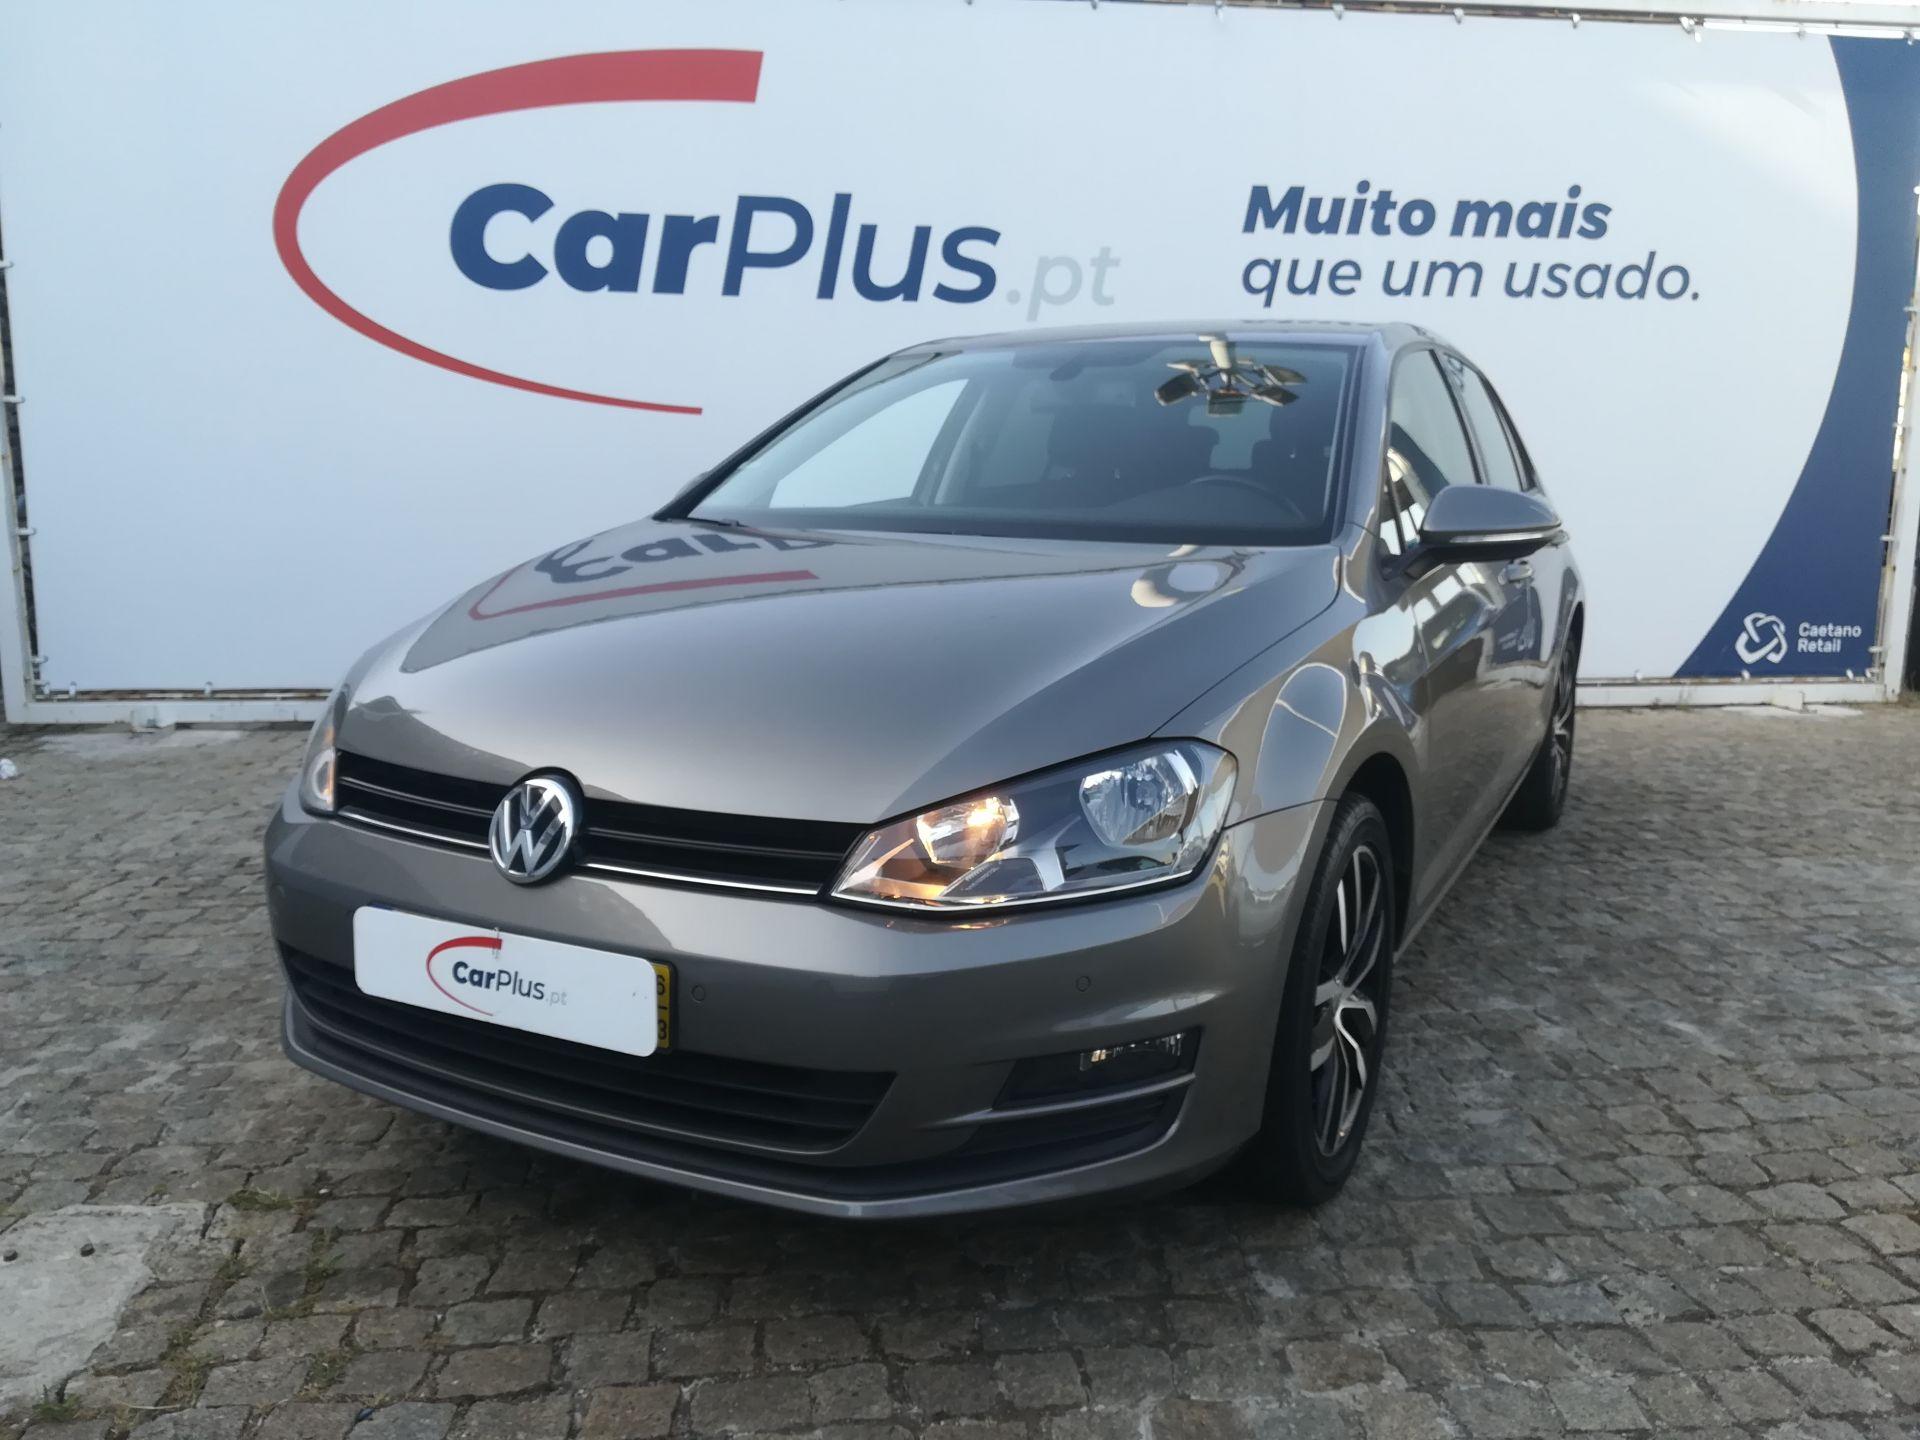 Volkswagen Golf 1.6 TDI 110 cv GPEDITION segunda mão Lisboa